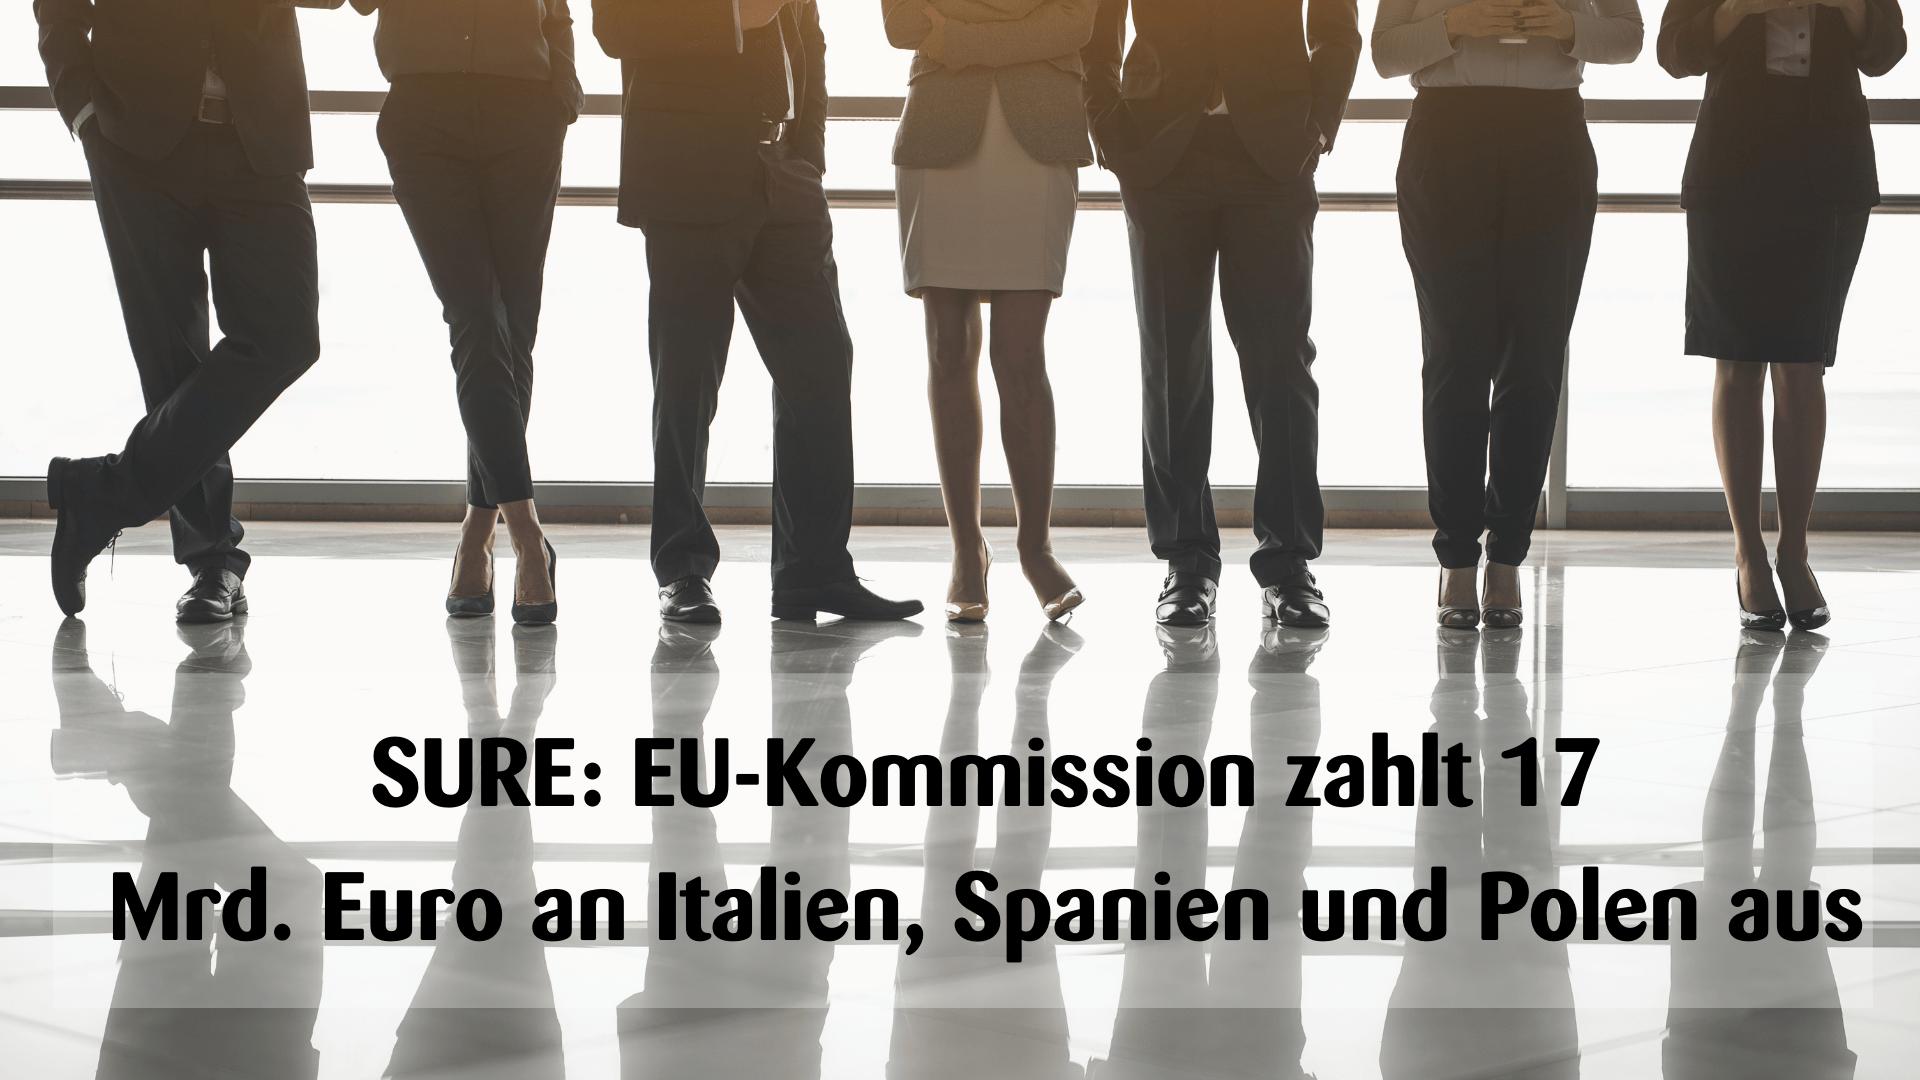 SURE: EU-Kommission zahlt 17 Mrd. Euro an Italien, Spanien und Polen aus